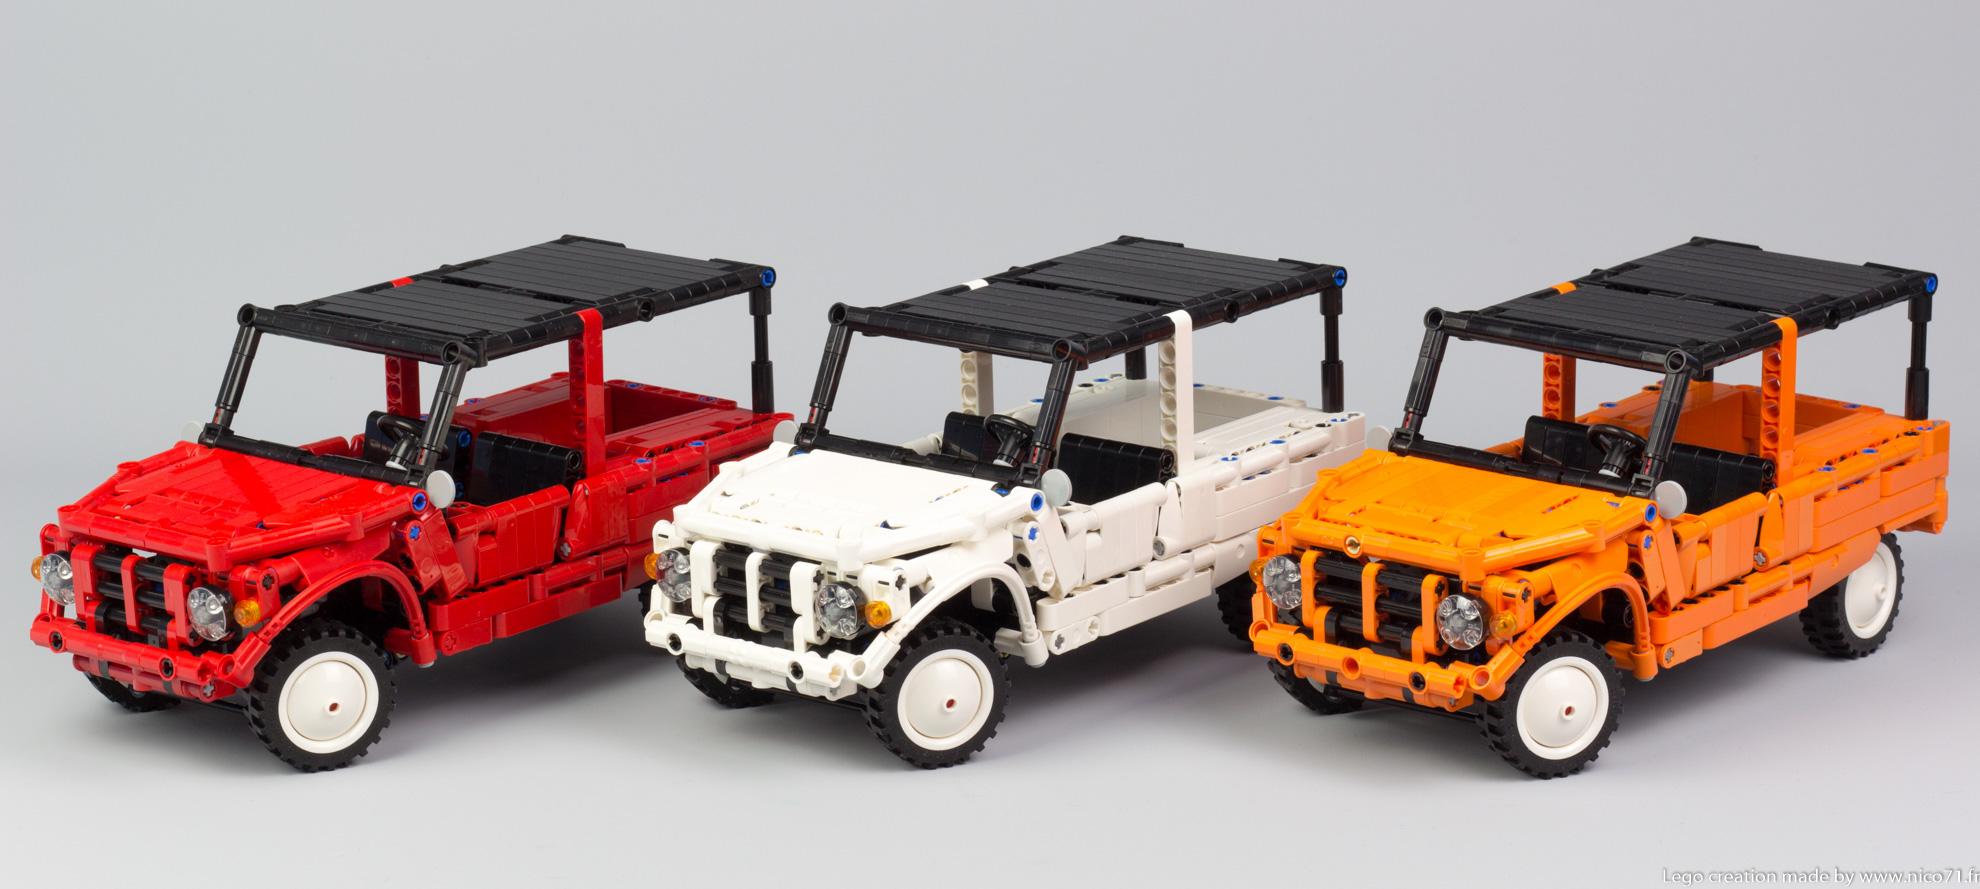 Lego-Technic-Citroen-Mehari-1